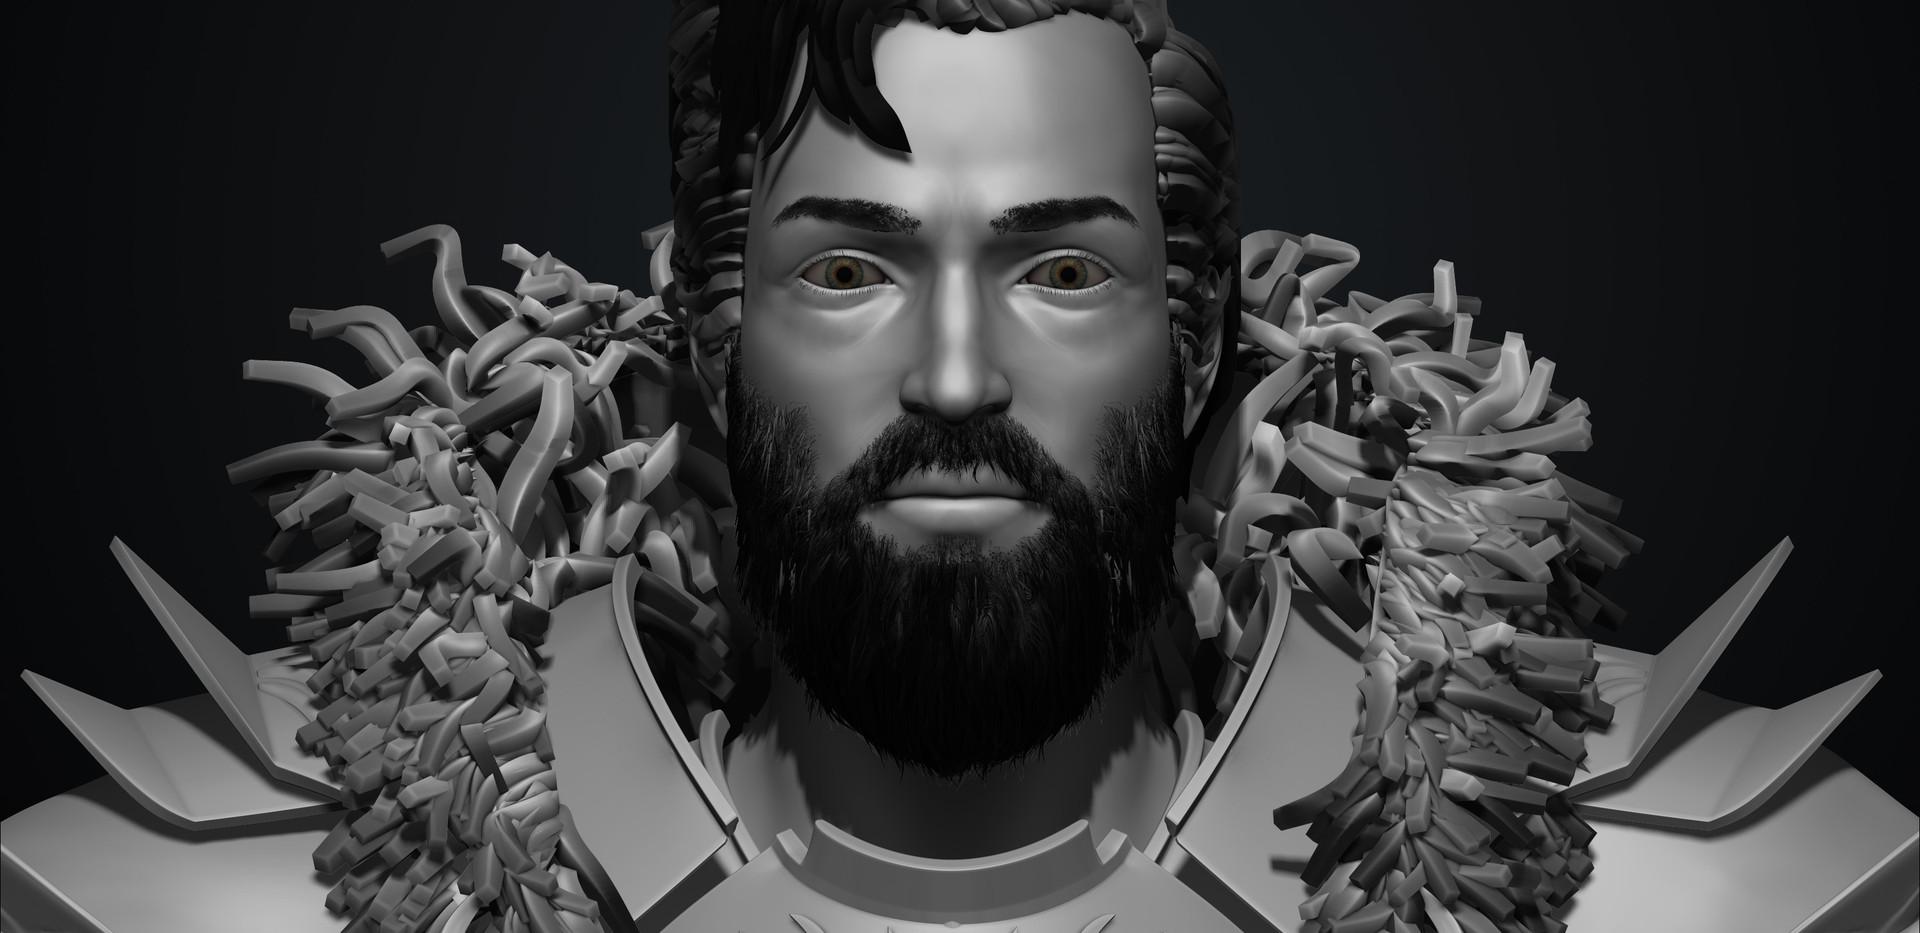 knight_face_01.jpg